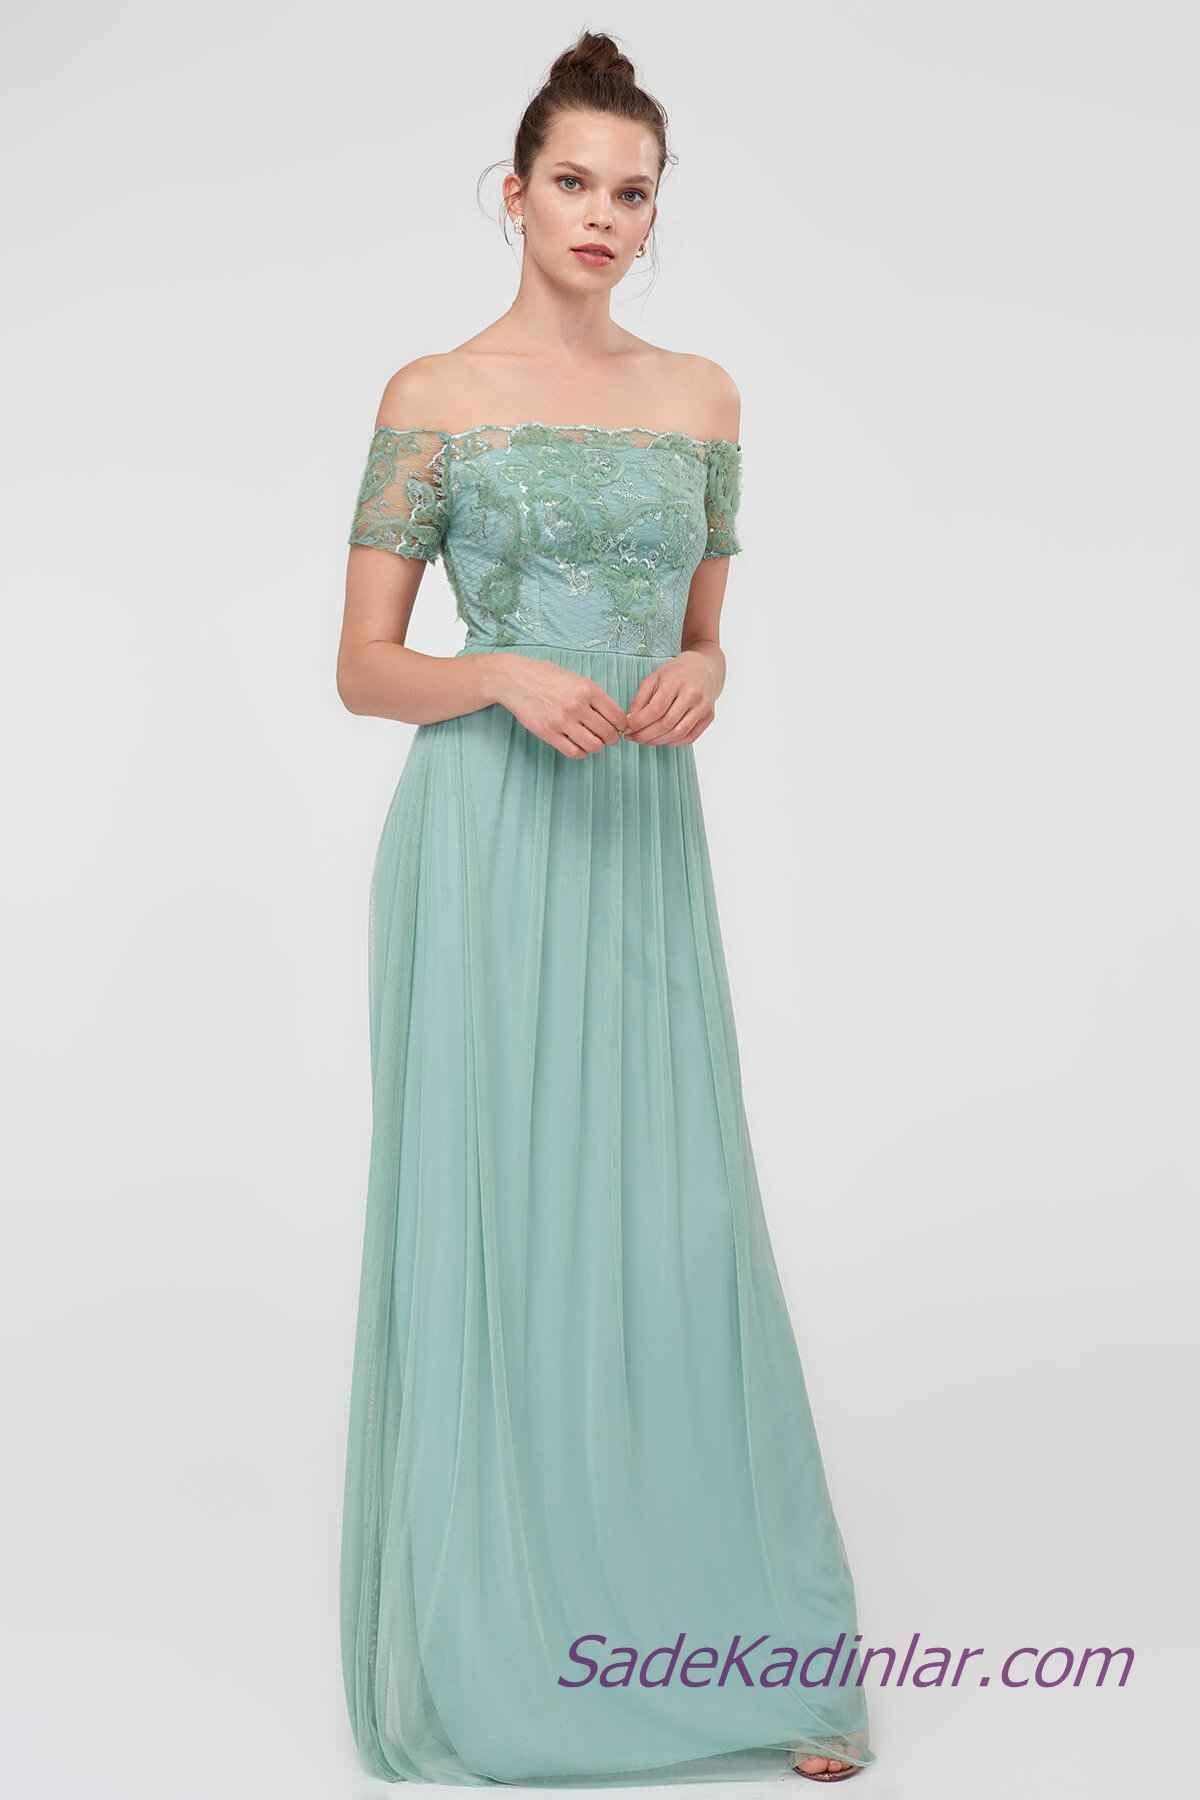 e7612eb10c9 2019 Abiye Elbise Modelleri Yeşil Uzun Omuzlar Açık Düşük Kol Dantelli